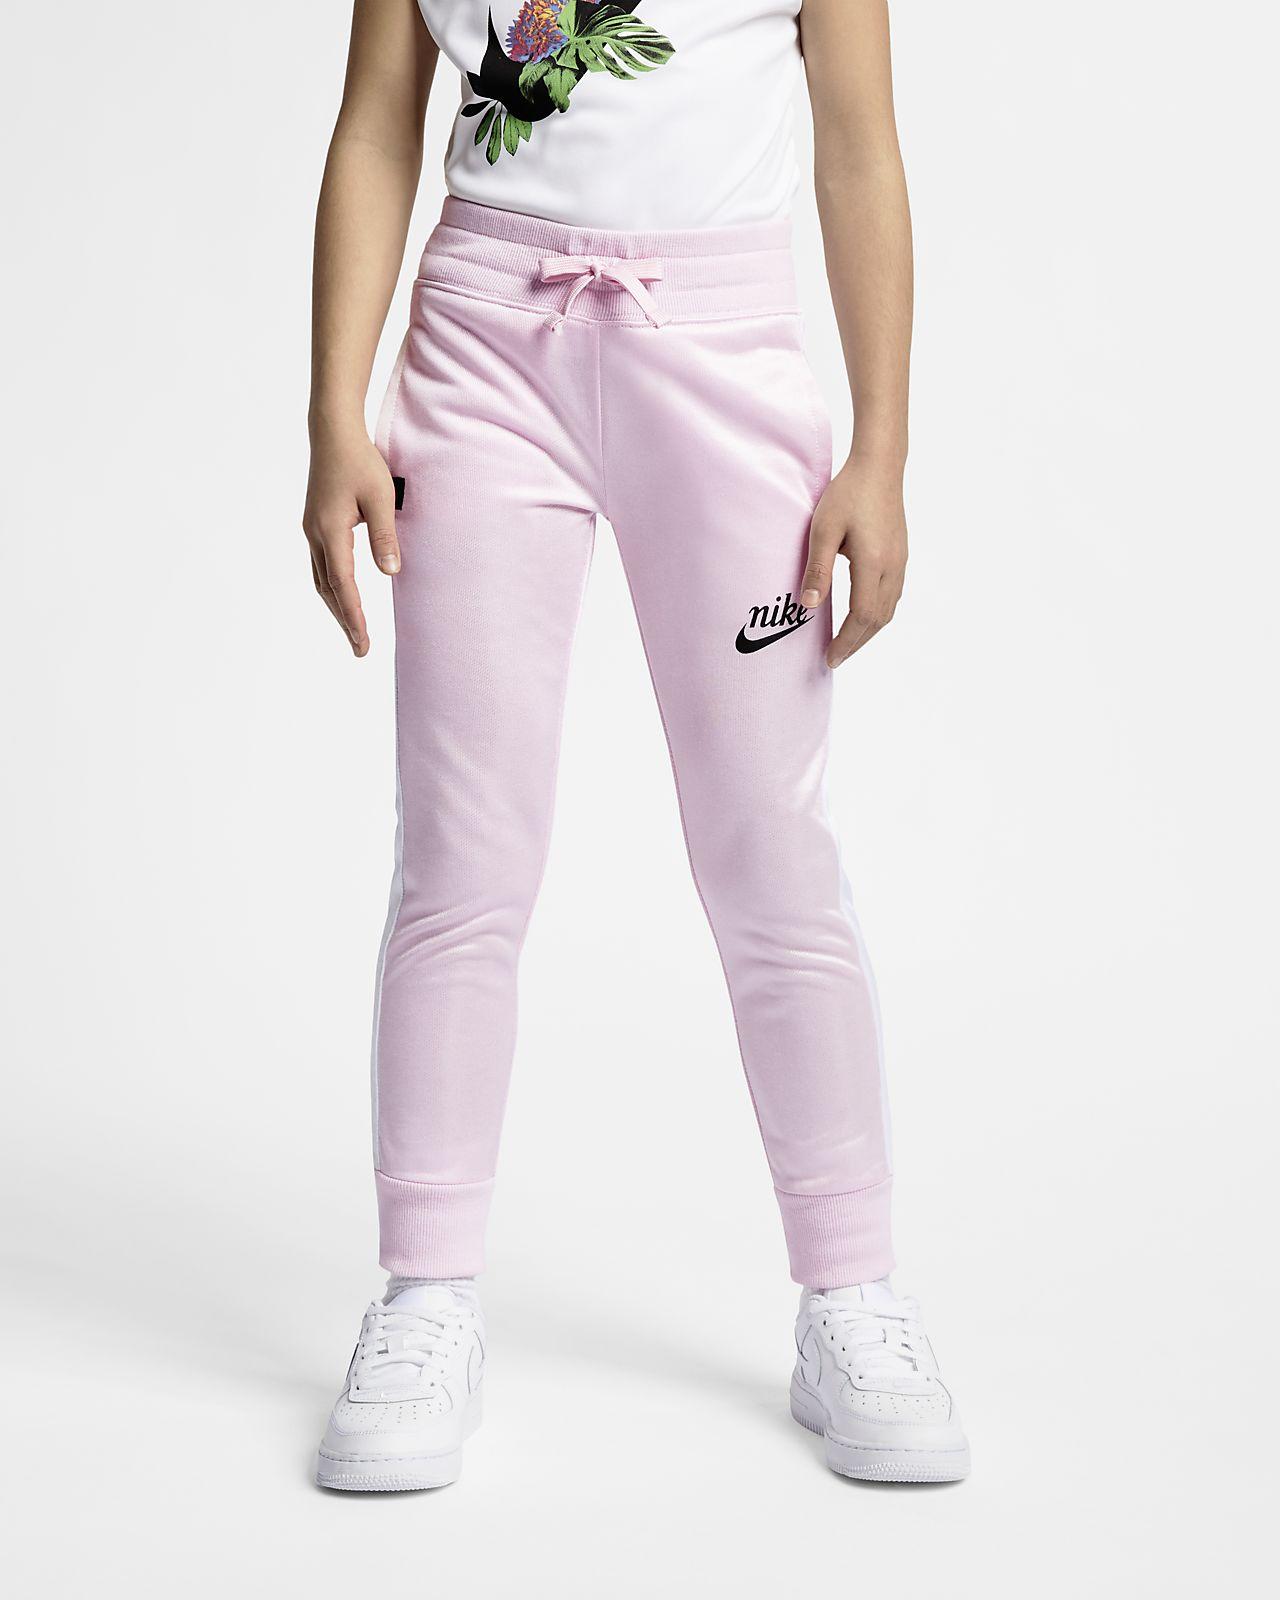 Nike Sportswear Little Kids' Pants